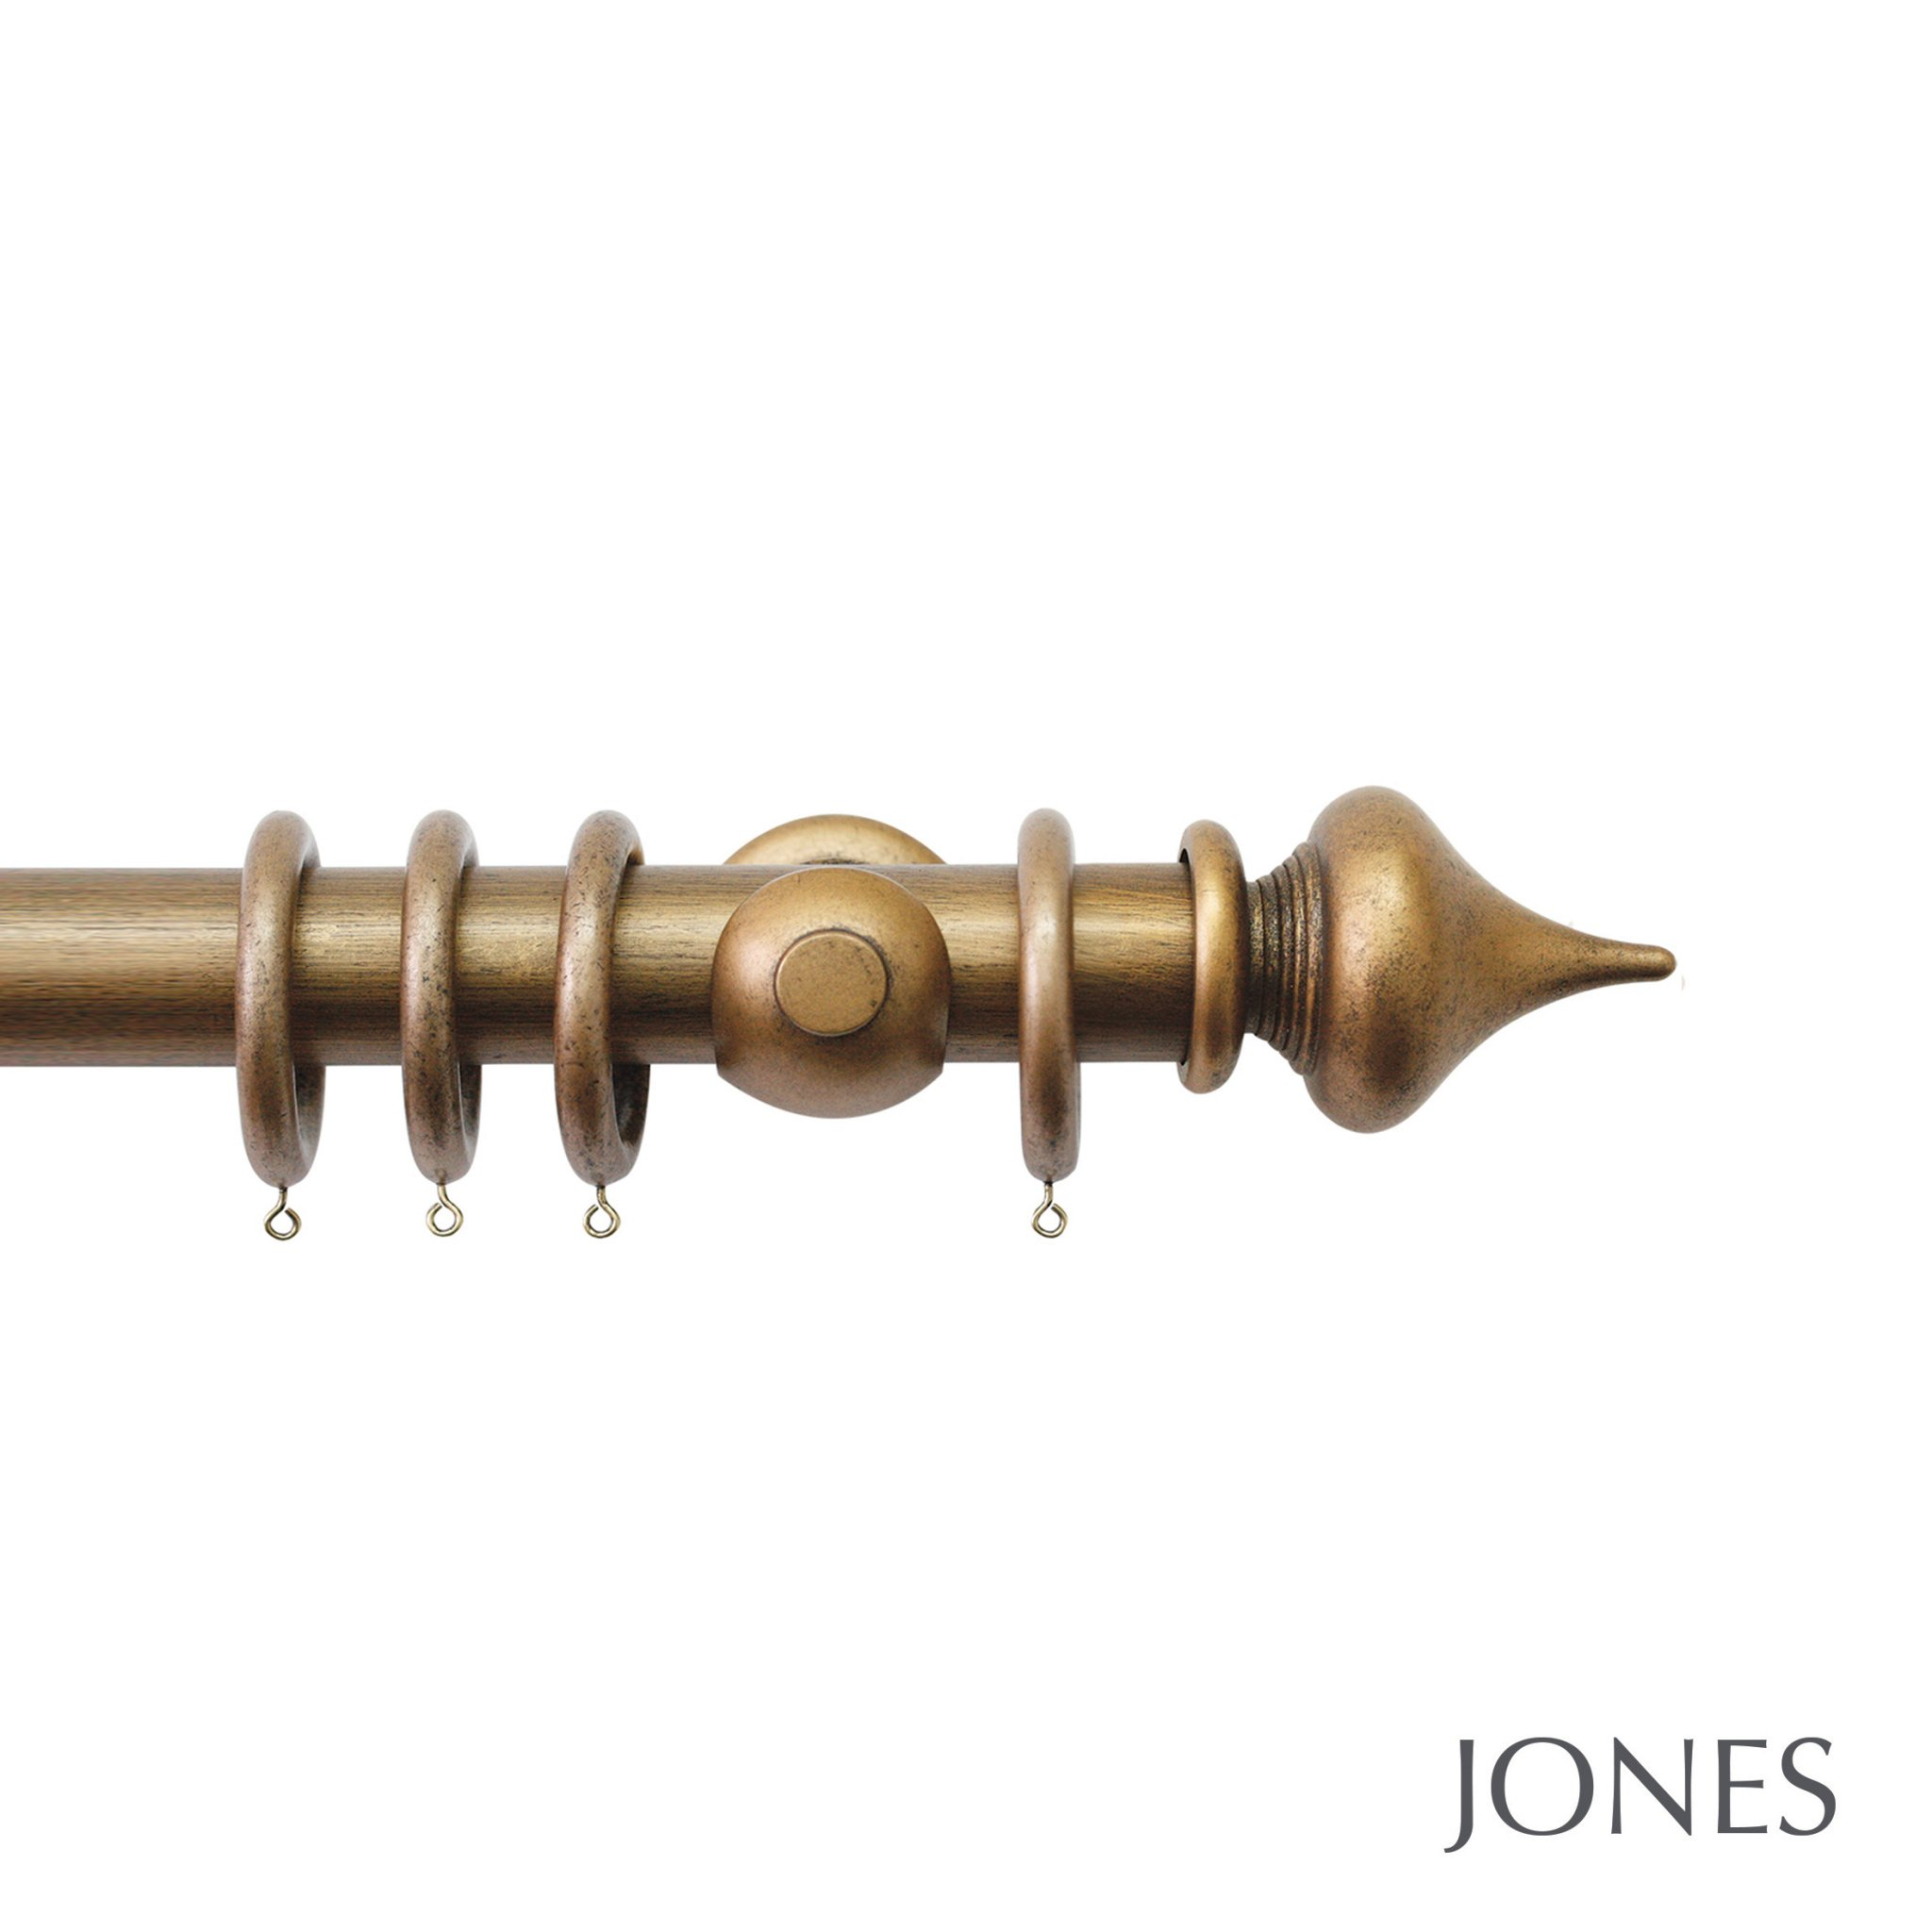 Jones Florentine Handcrafted 50mm Wooden Curtain Pole Minaret